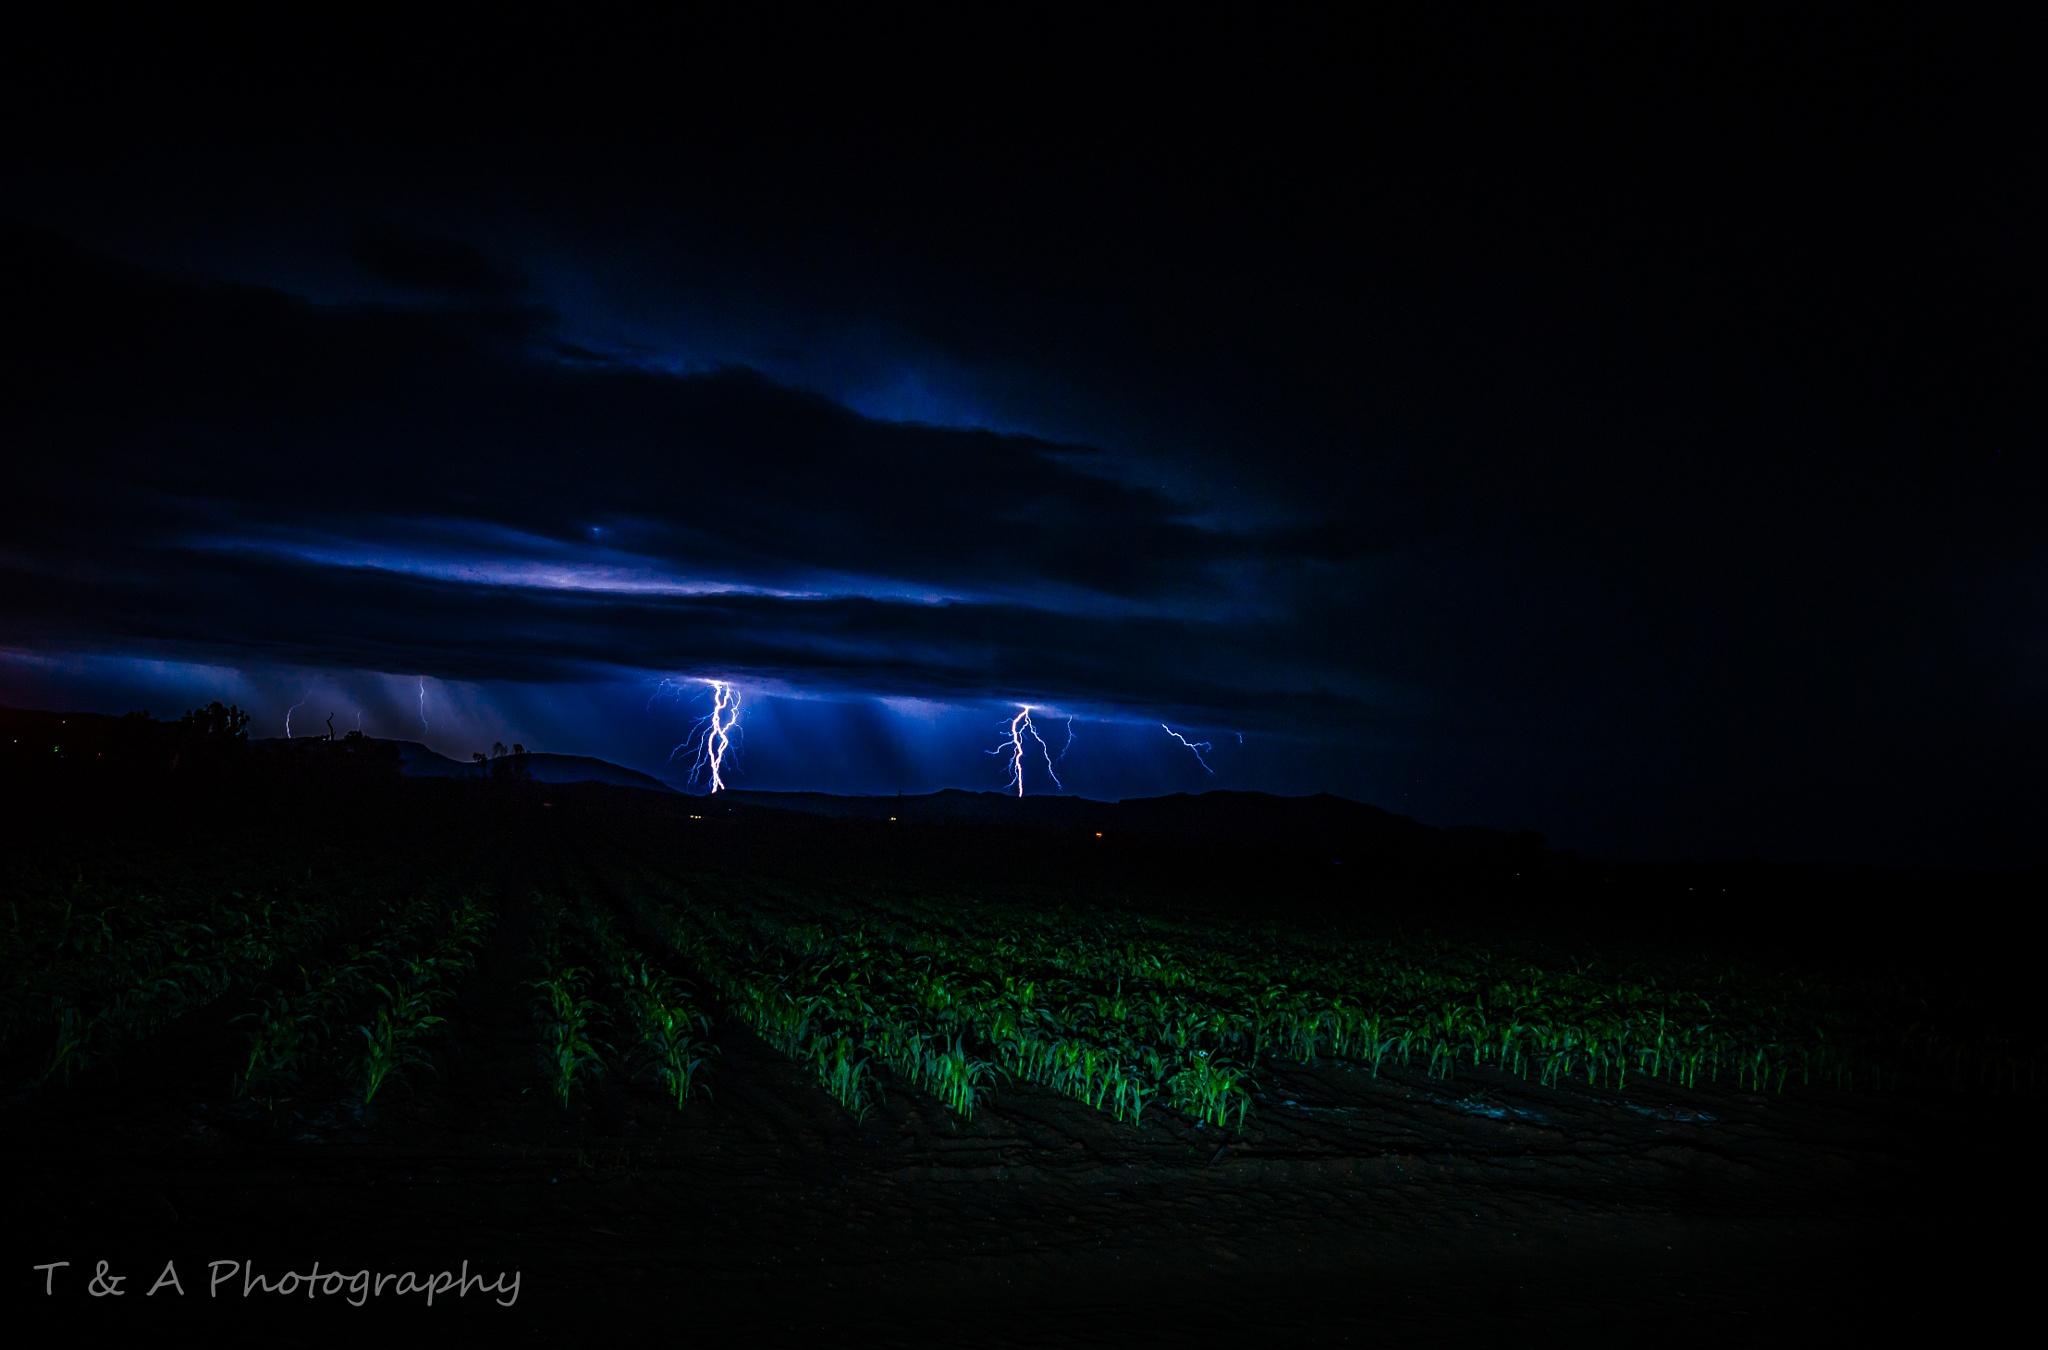 Lightning in the fields by Tim Murphy